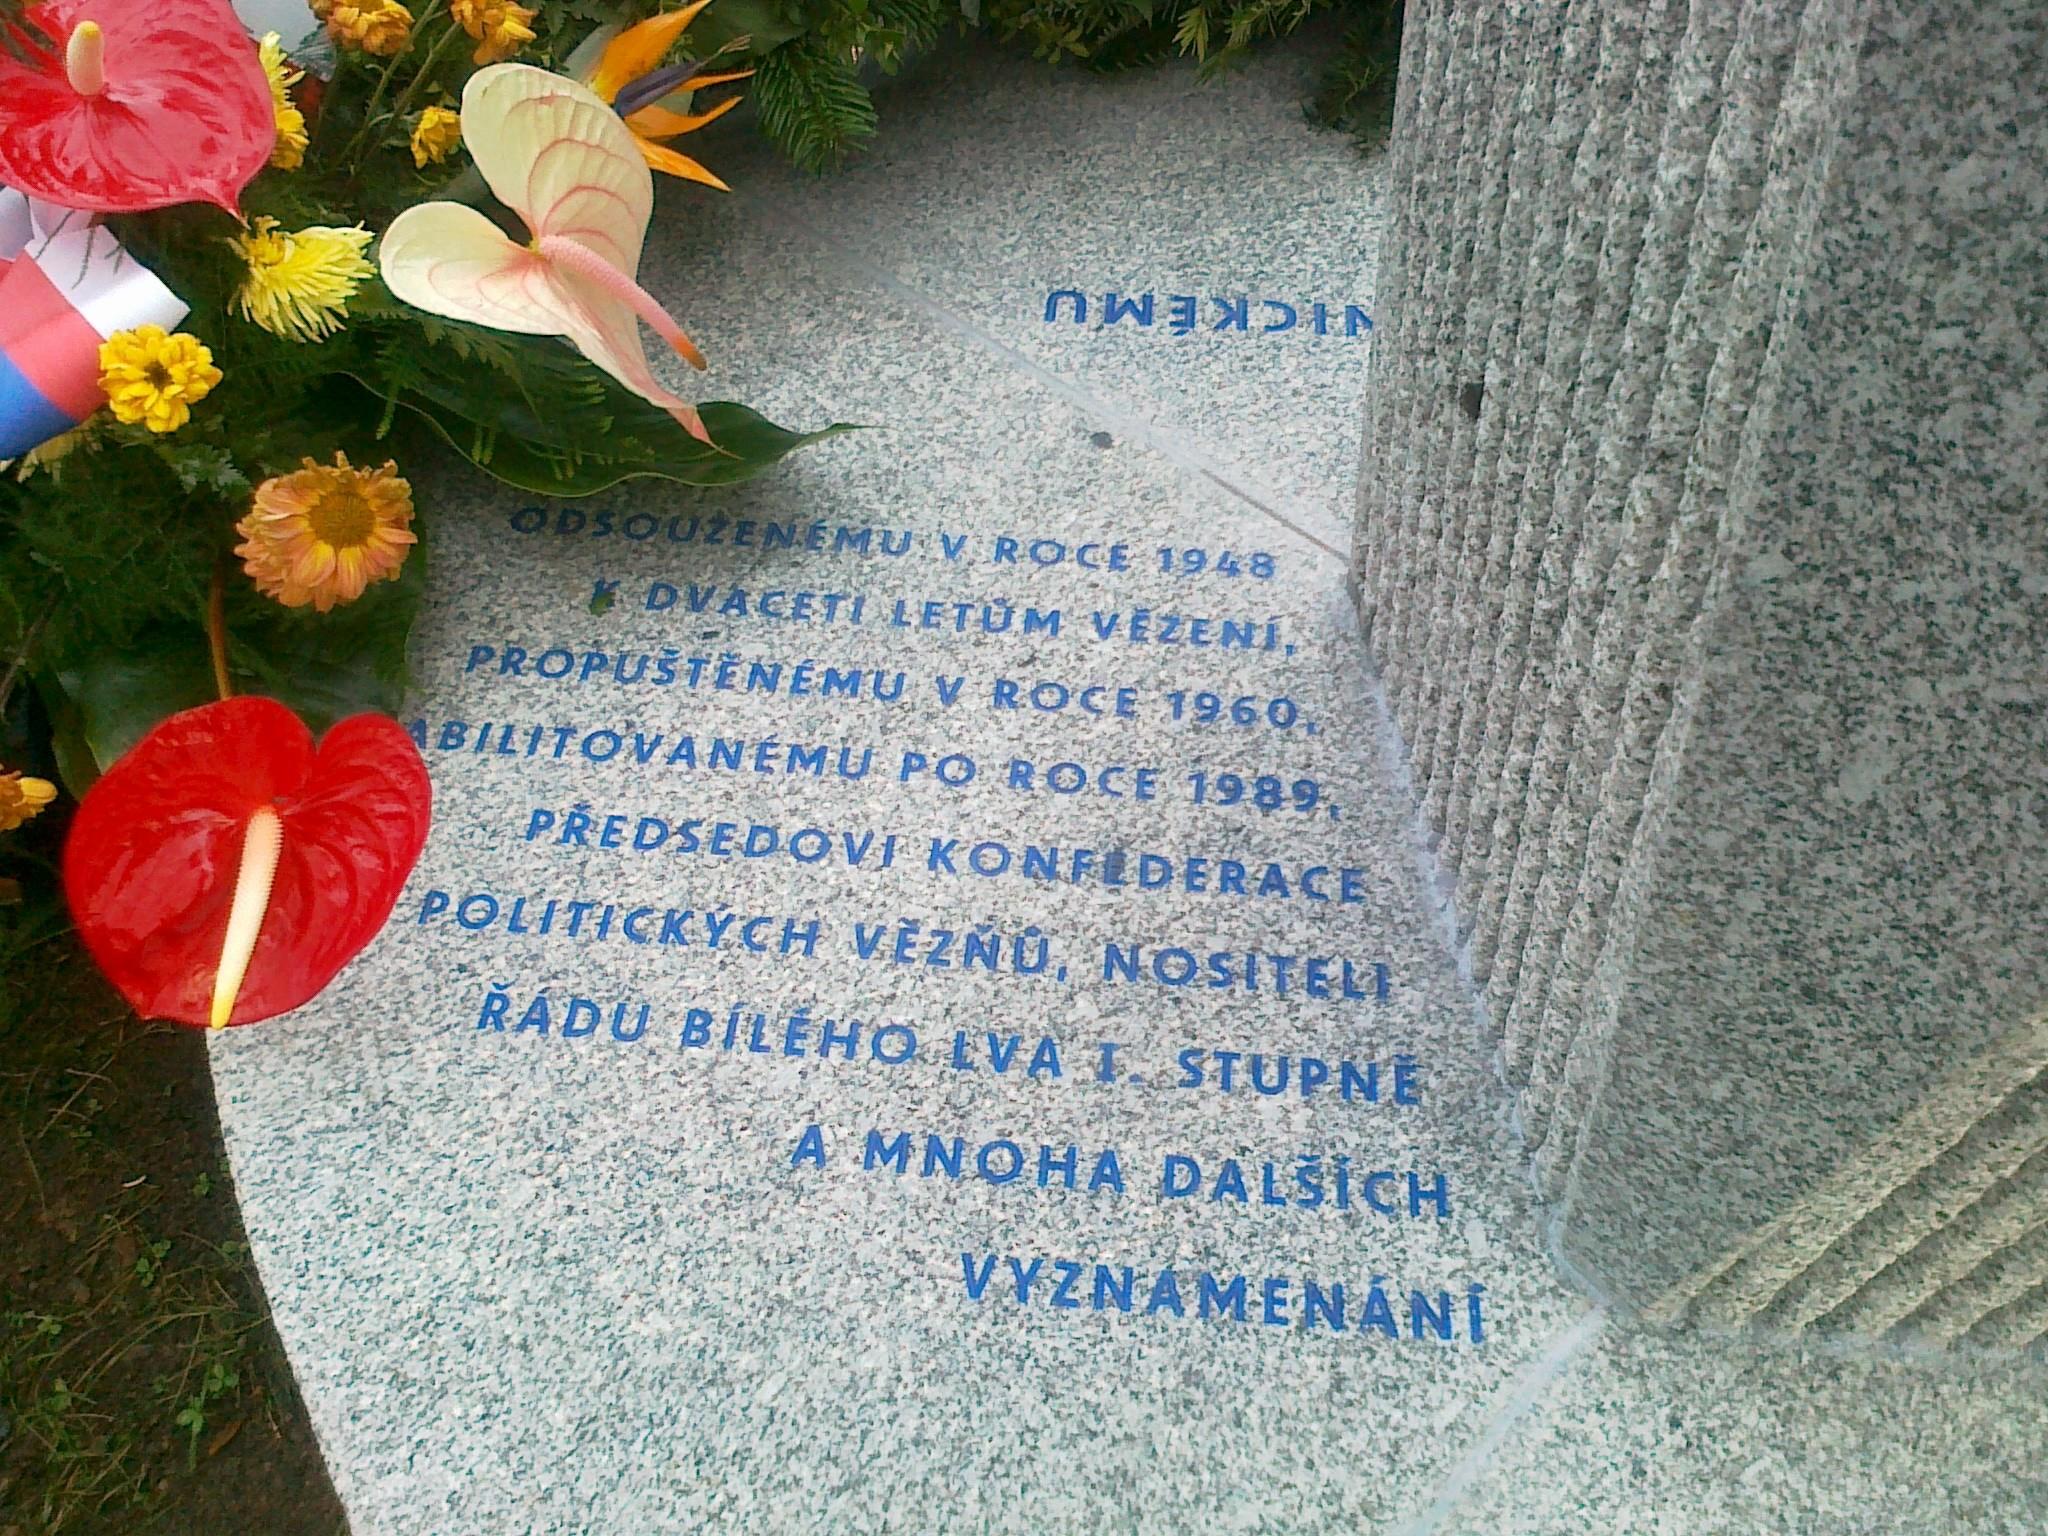 pomník Pernickému - 07